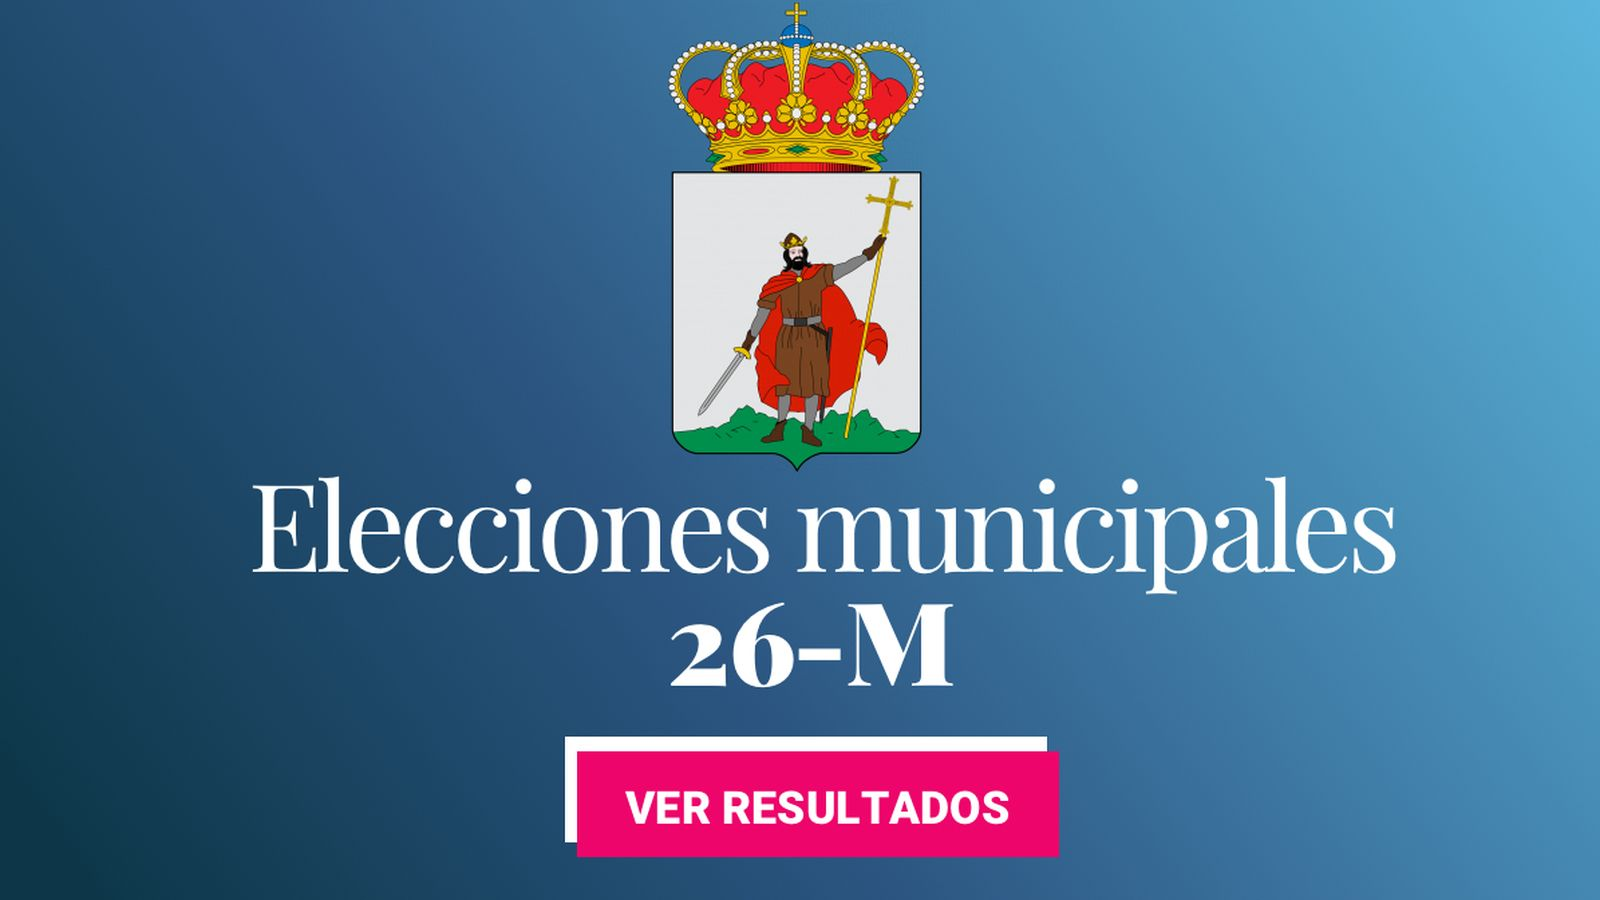 Foto: Elecciones municipales 2019 en Gijón. (C.C./EC)